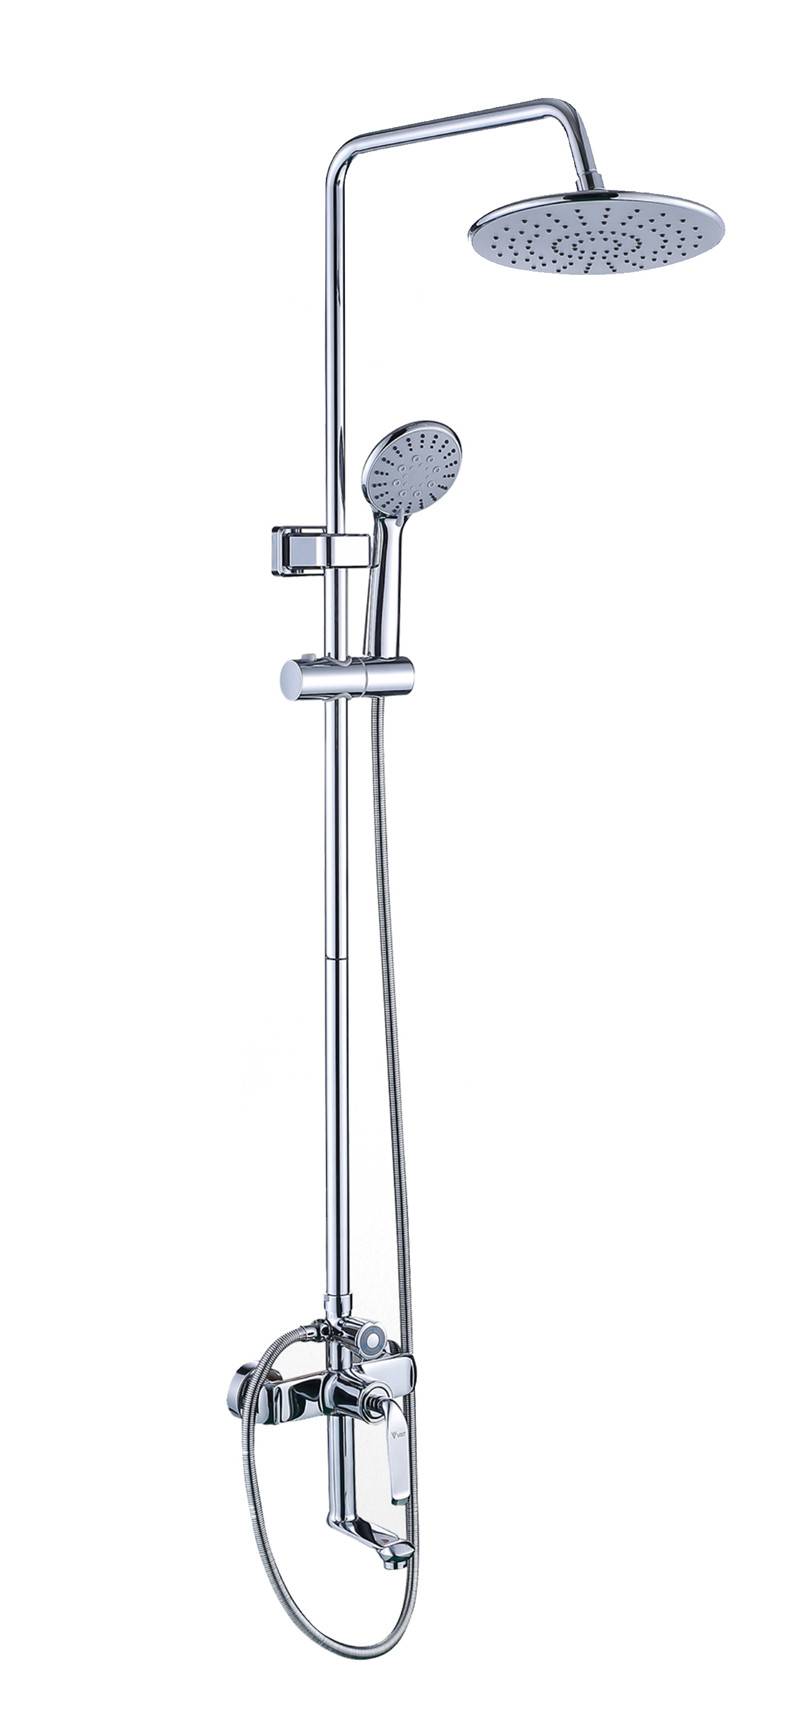 纽博士NEWPORTBRASS:浴室花洒要怎么选择好呢